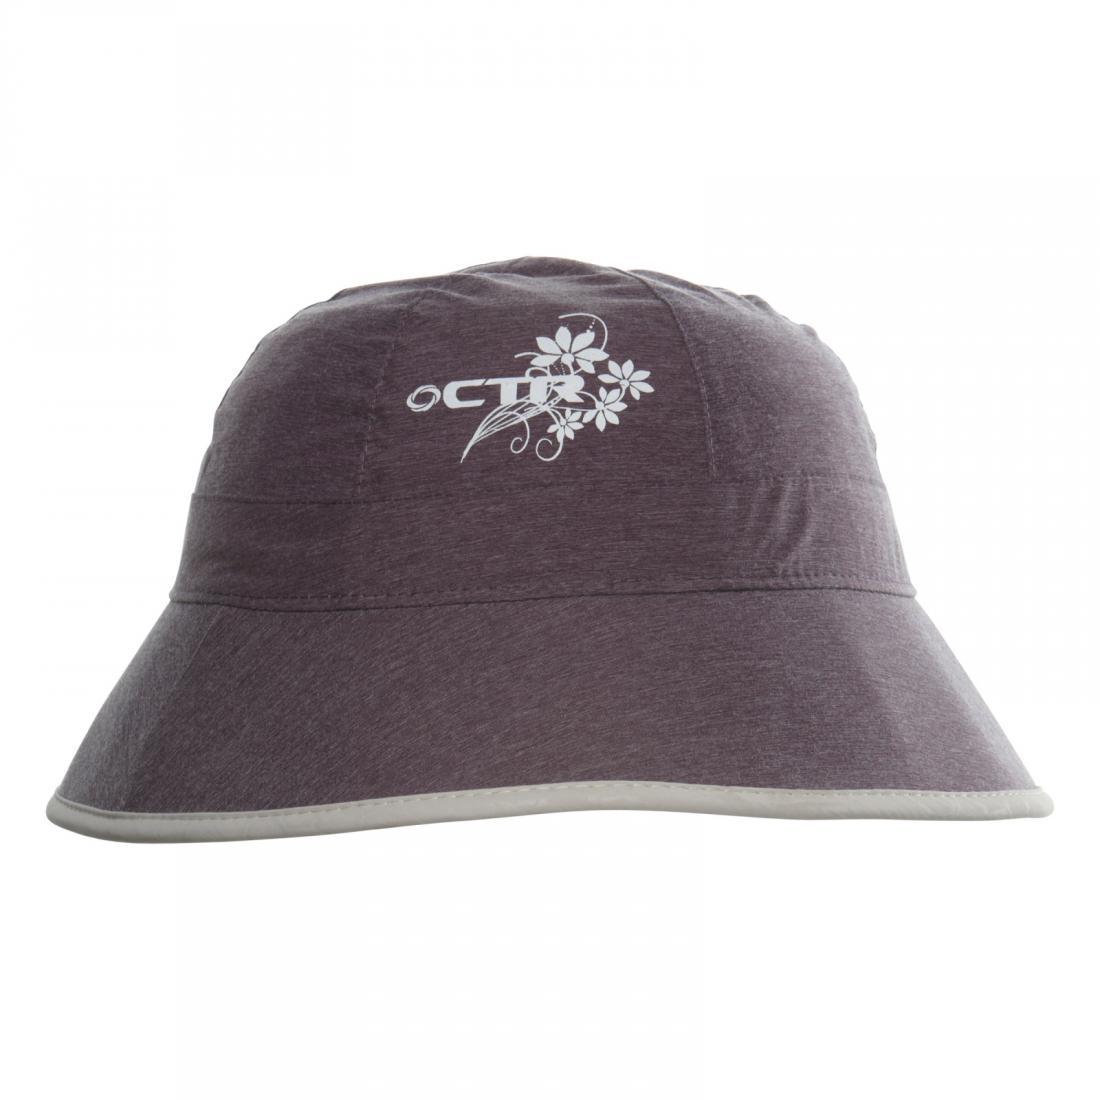 Панама Chaos  Stratus Cloche Rain Hat (женс)Панамы<br><br><br>Цвет: Фиолетовый<br>Размер: S-M